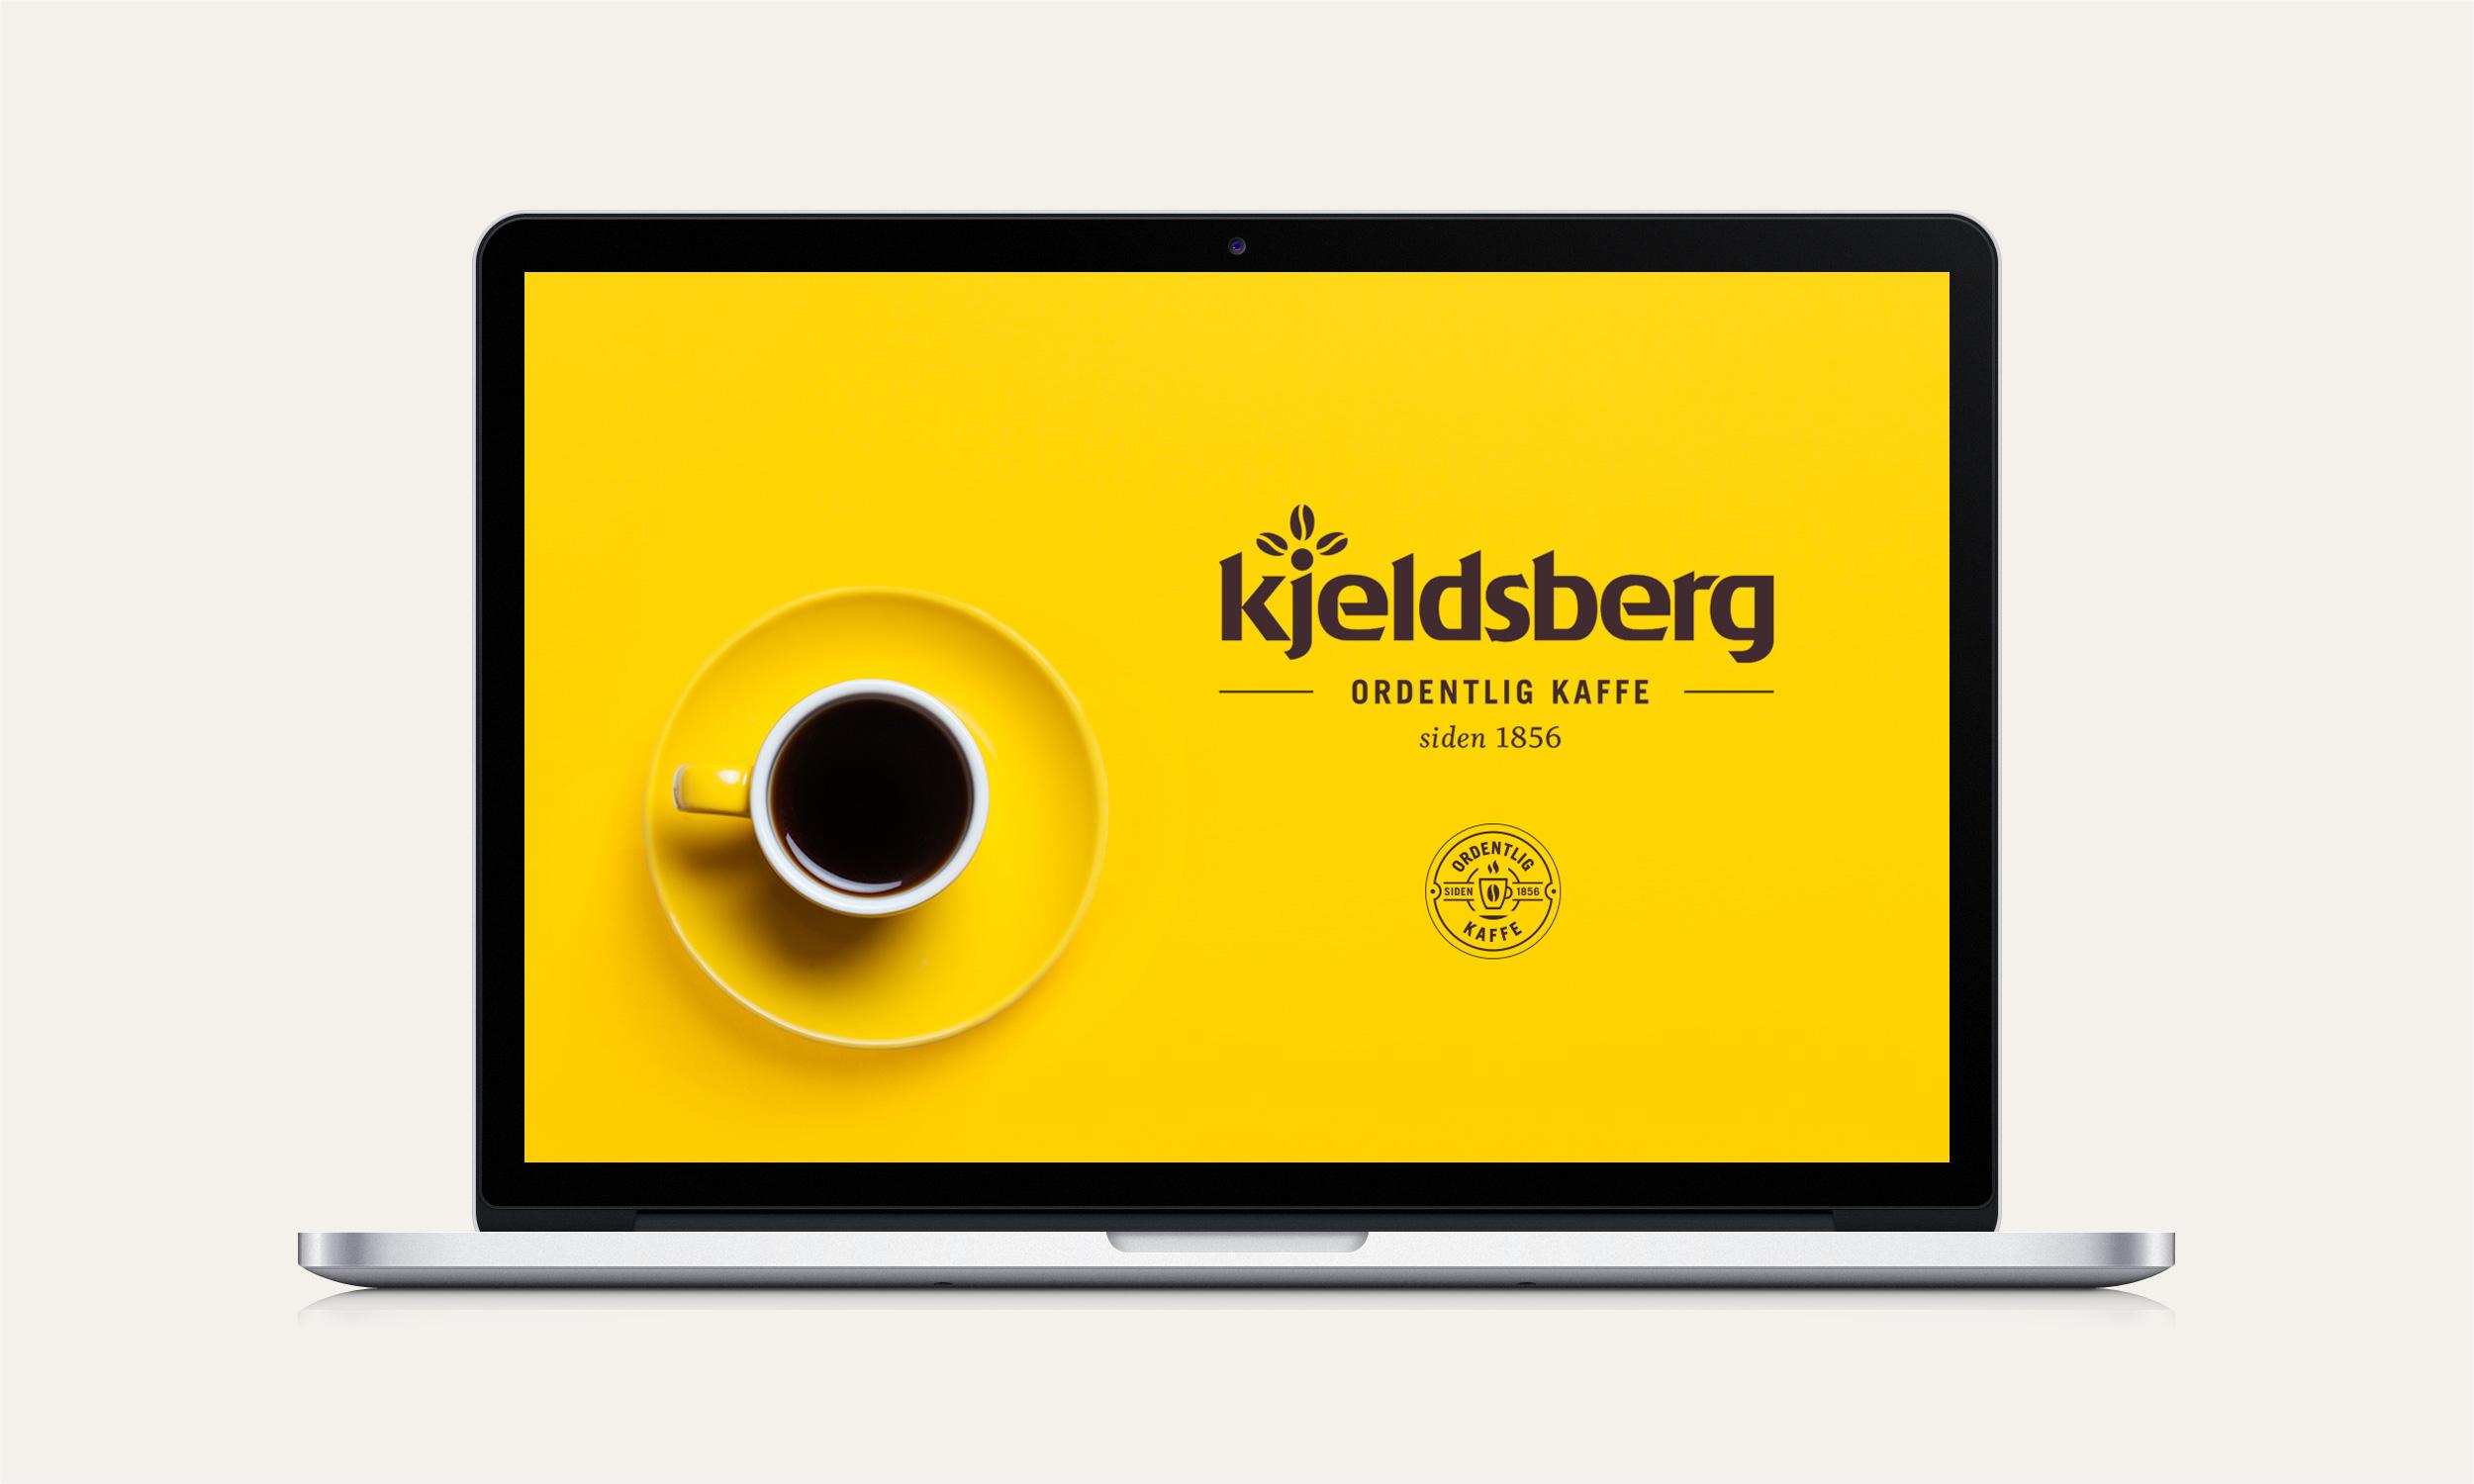 Kjeldsberg_gulkaffe37